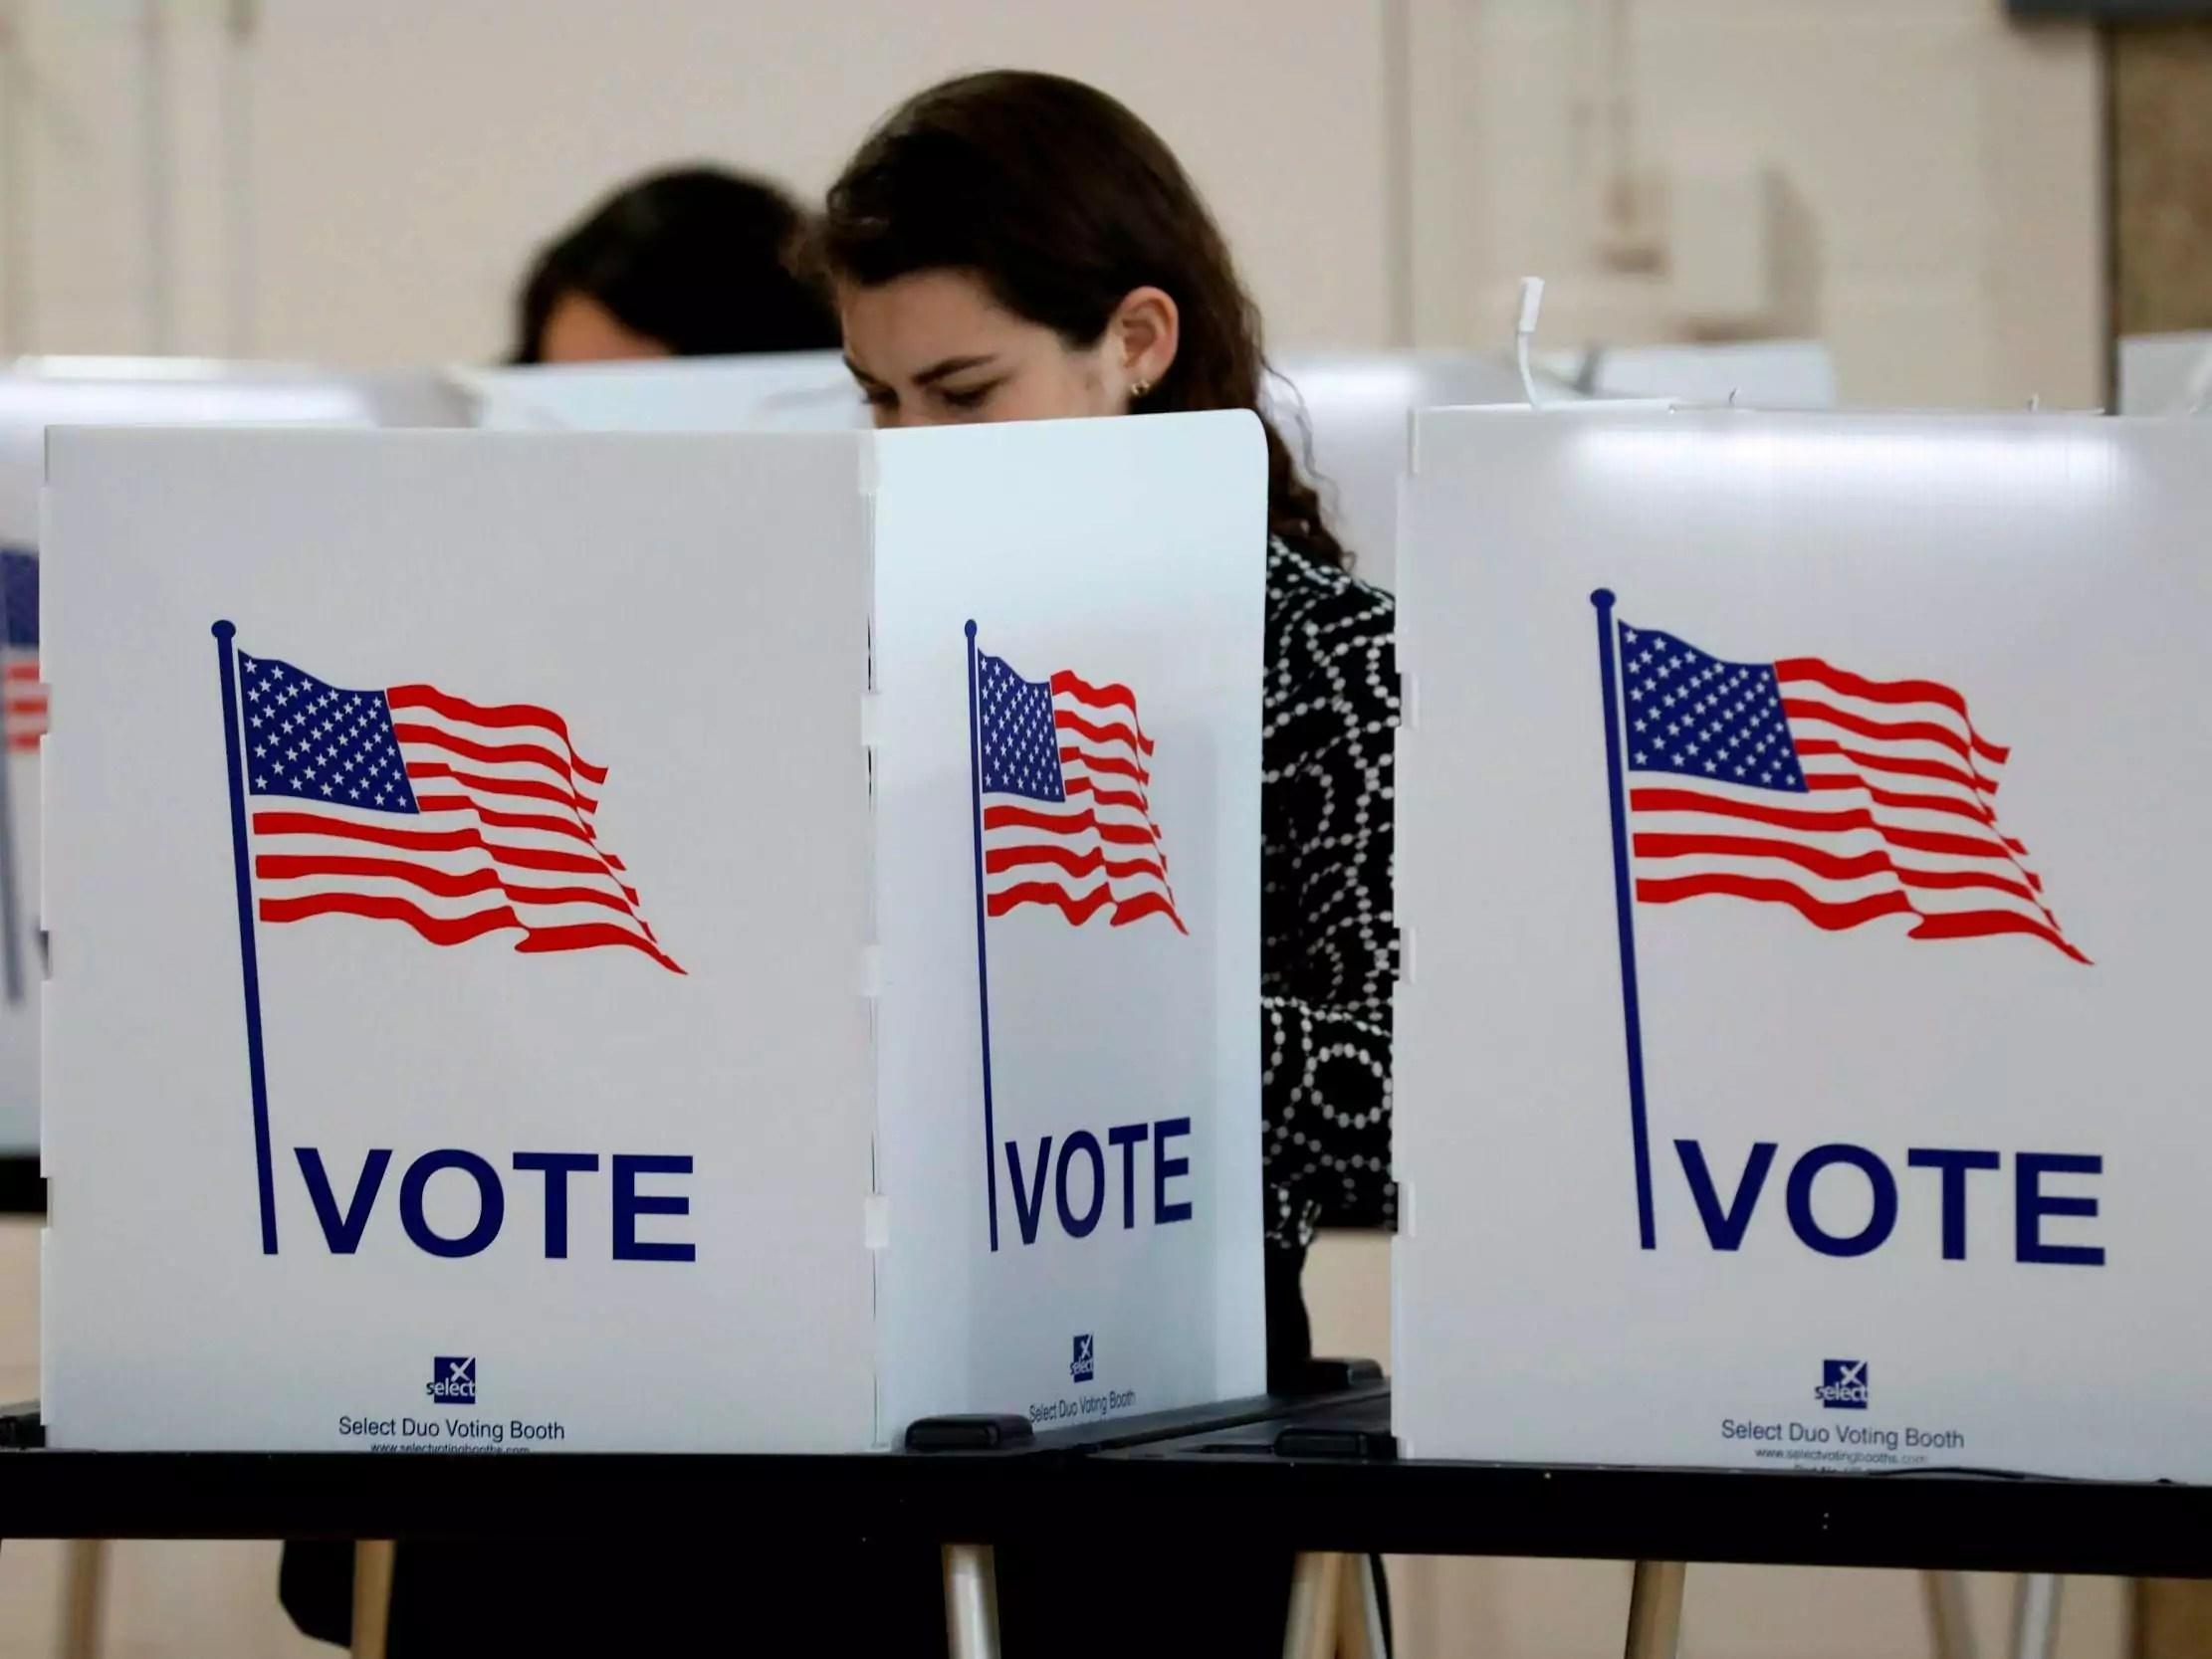 eleições nos EUA 2020